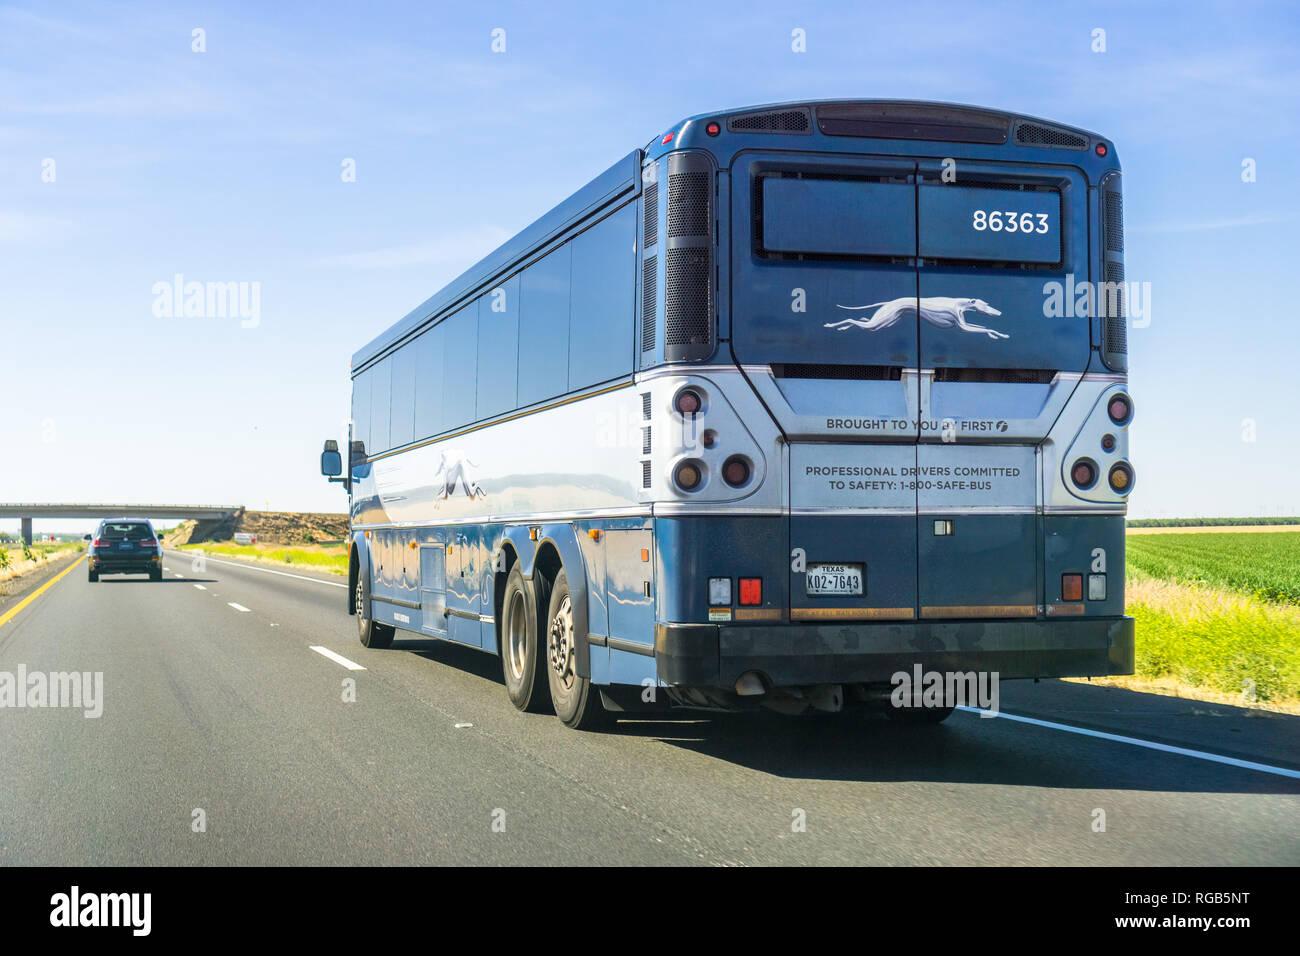 Greyhound Bus Stock Photos & Greyhound Bus Stock Images - Alamy